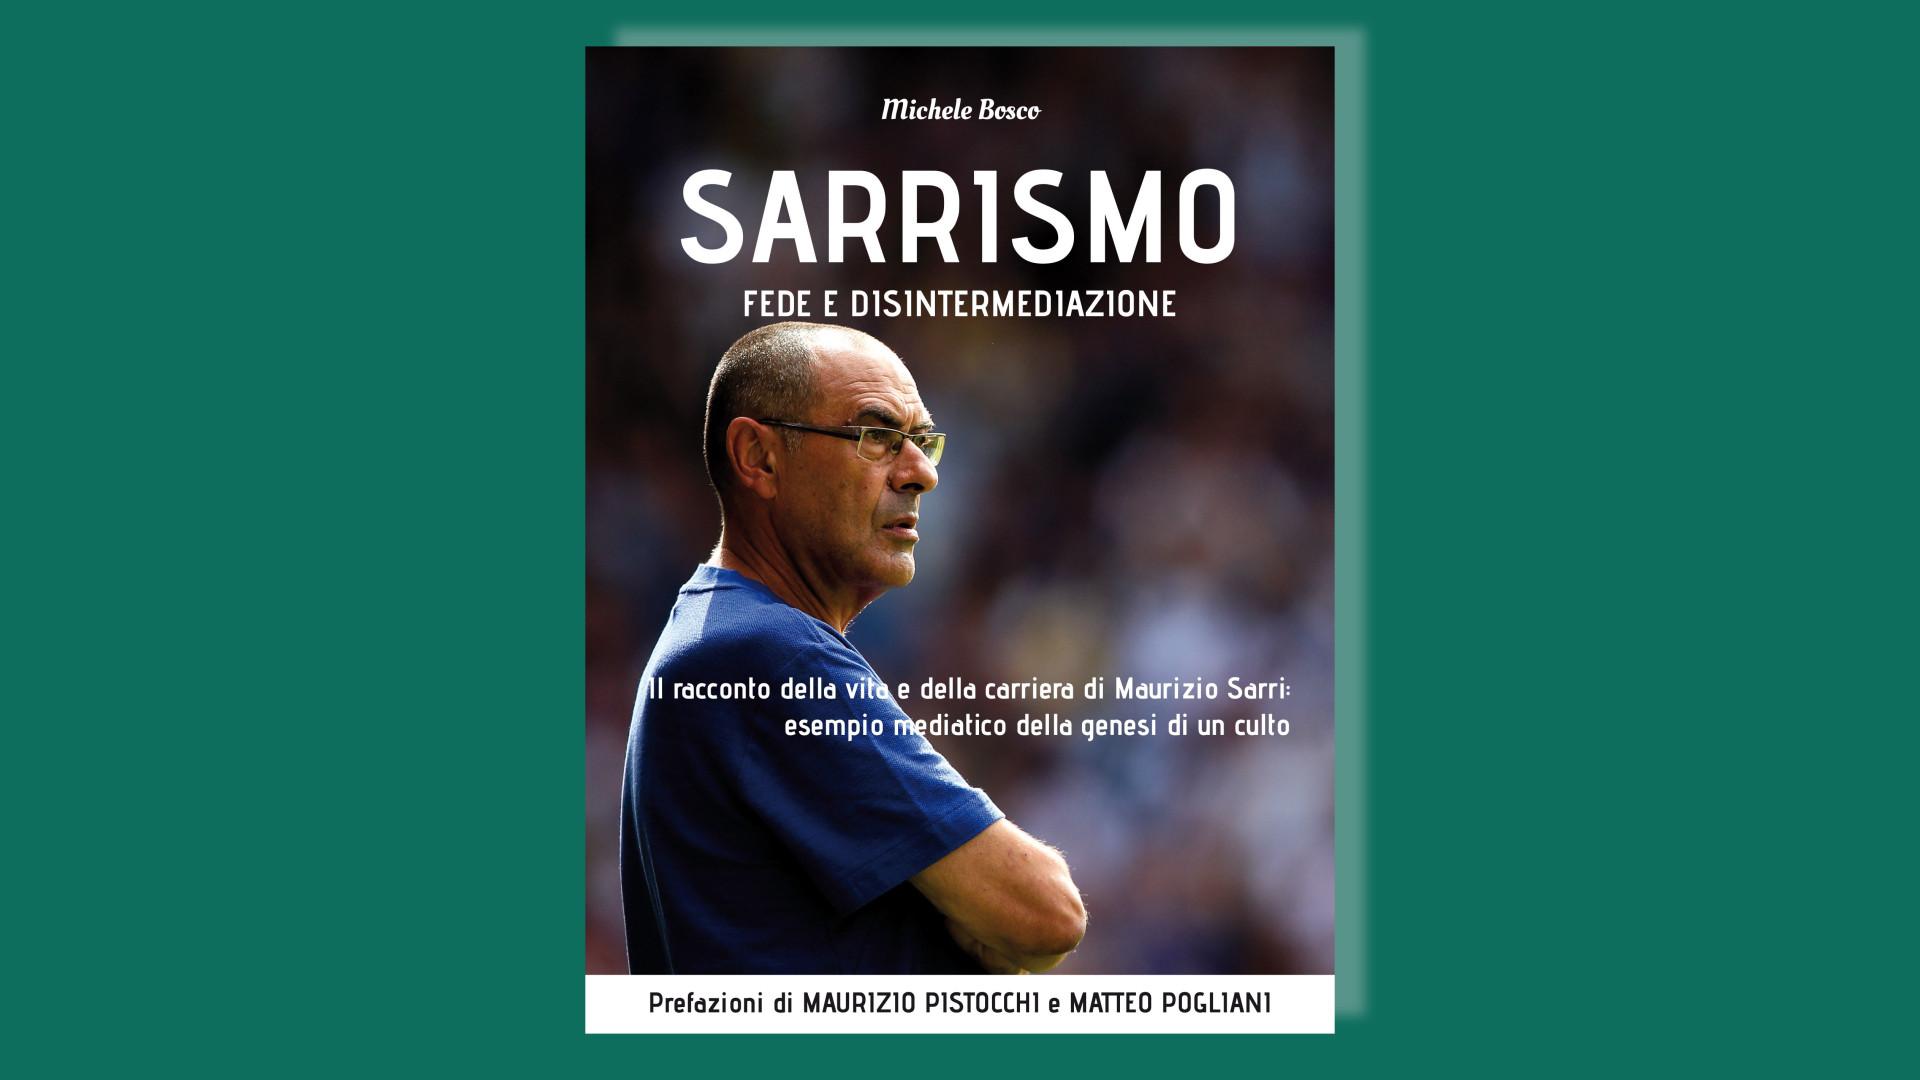 Sarrismo fede disintermediazione_Libro_recensione comunicazione nel calcio